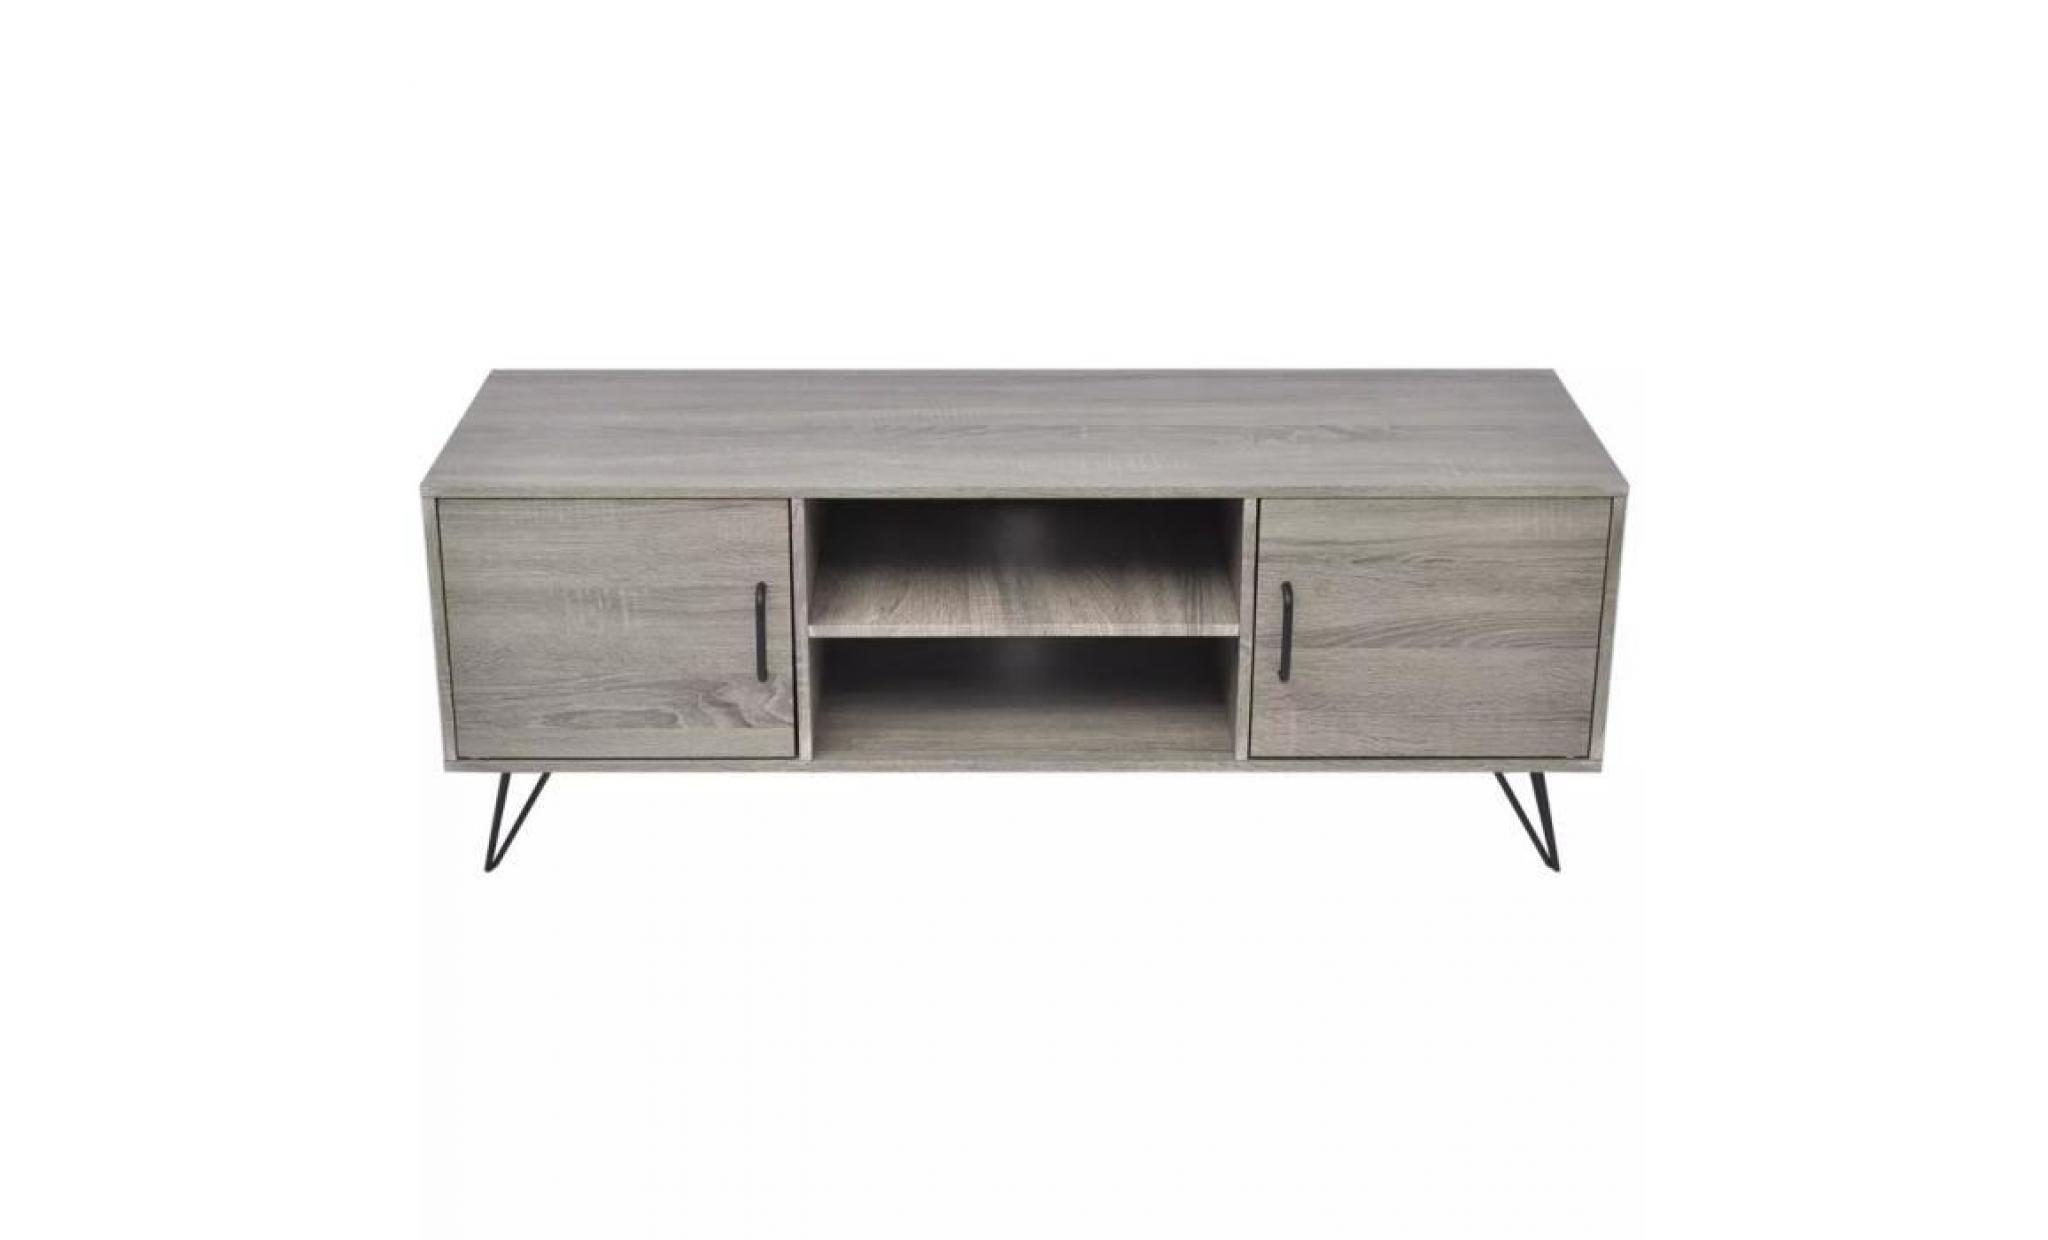 meuble tv 120 x 40 x 45 cm muble tv mural scandinave gris achat vente meuble tv pas cher couleur et design fr